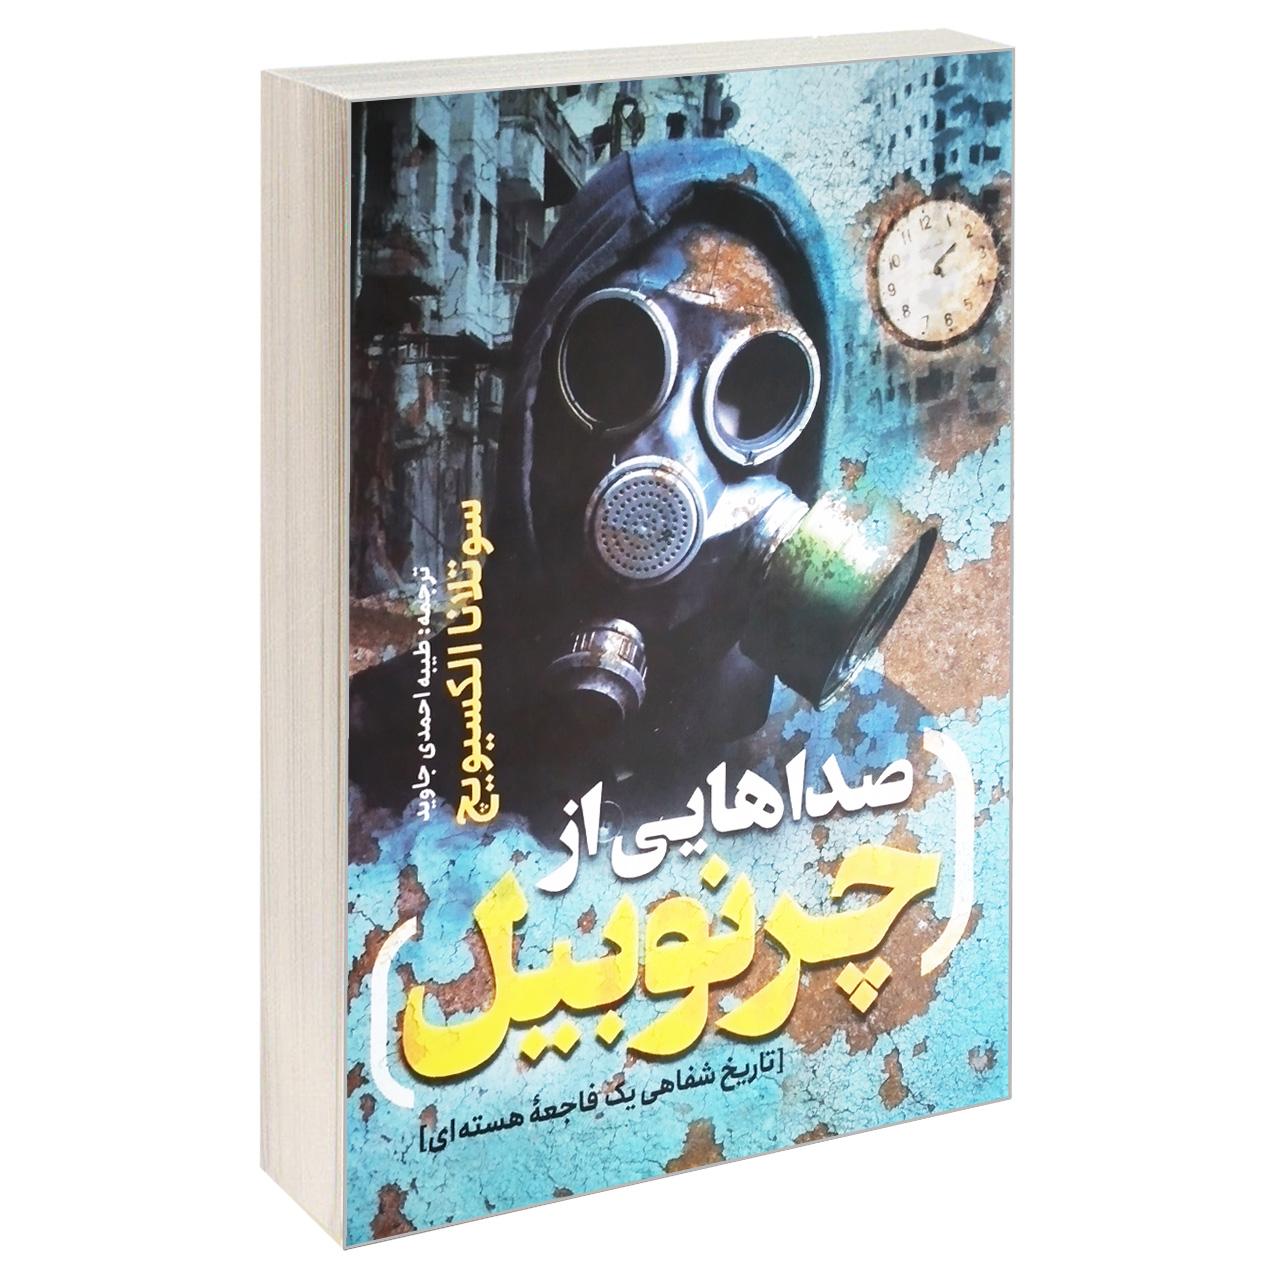 خرید                      کتاب صداهایی از چرنوبیل اثر سوتلانا الکسیویچ انتشارات یوشیتا